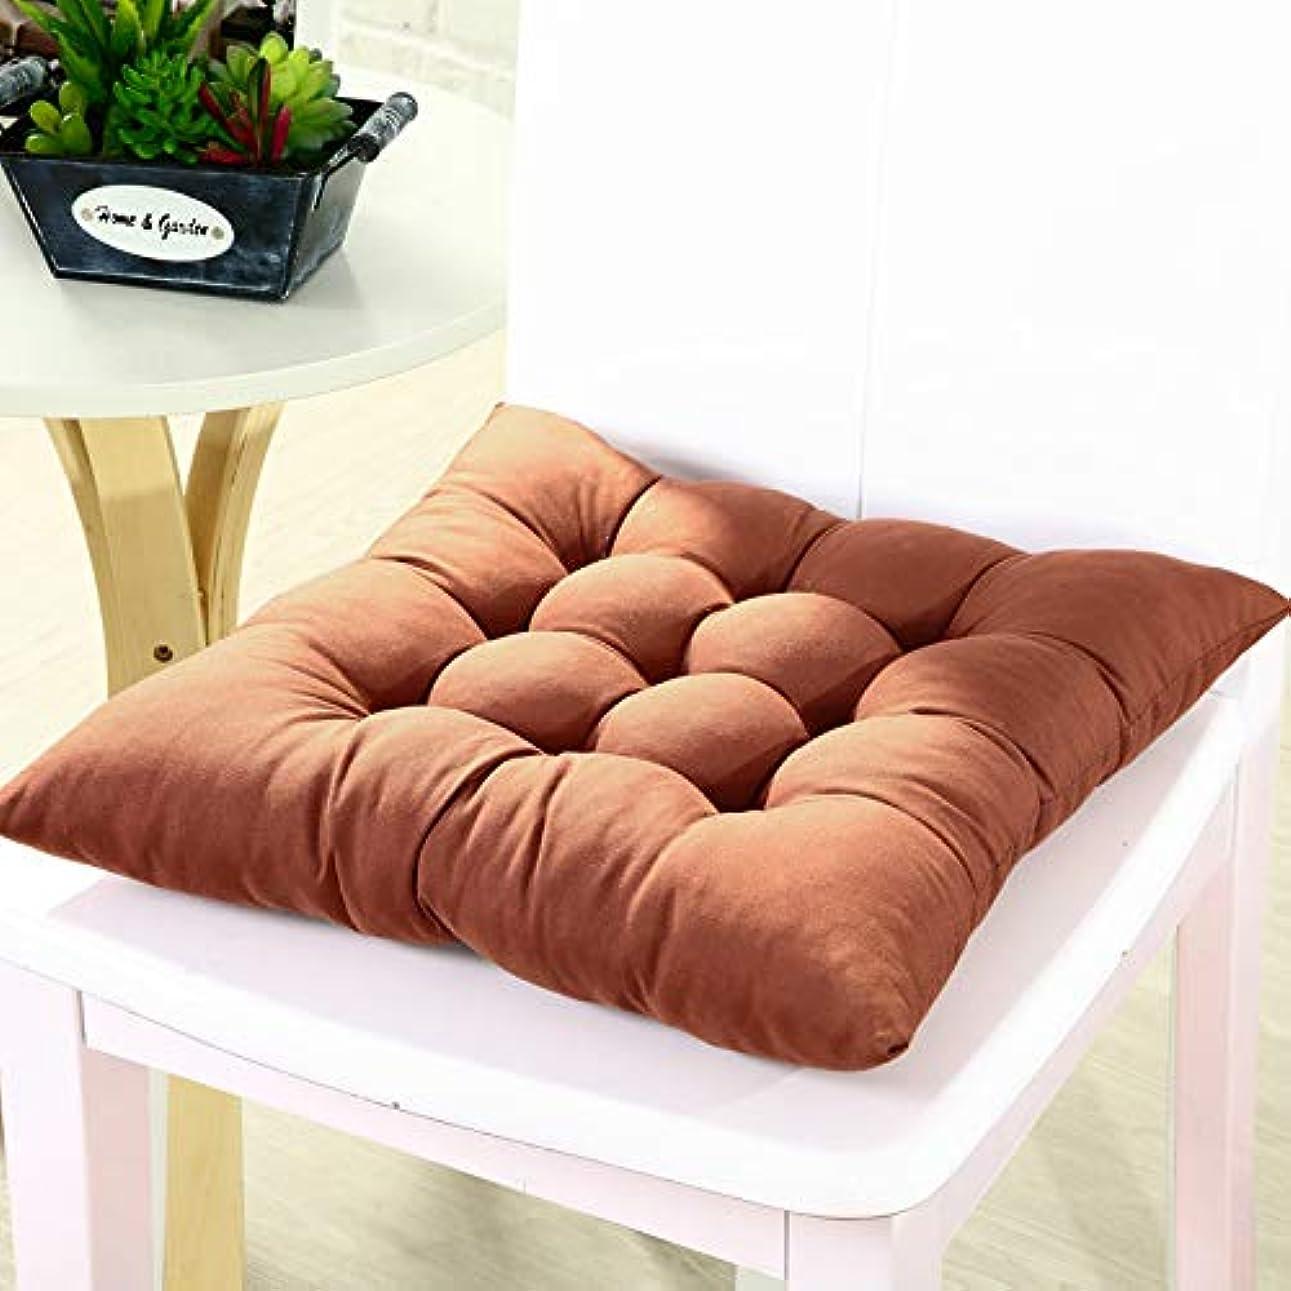 犬見捨てる醸造所LIFE 12 色 40 × 40 センチメートルシートクッション真珠綿チェアバックシートのクッションソファ枕臀部快適な椅子クッション家の装飾 クッション 椅子